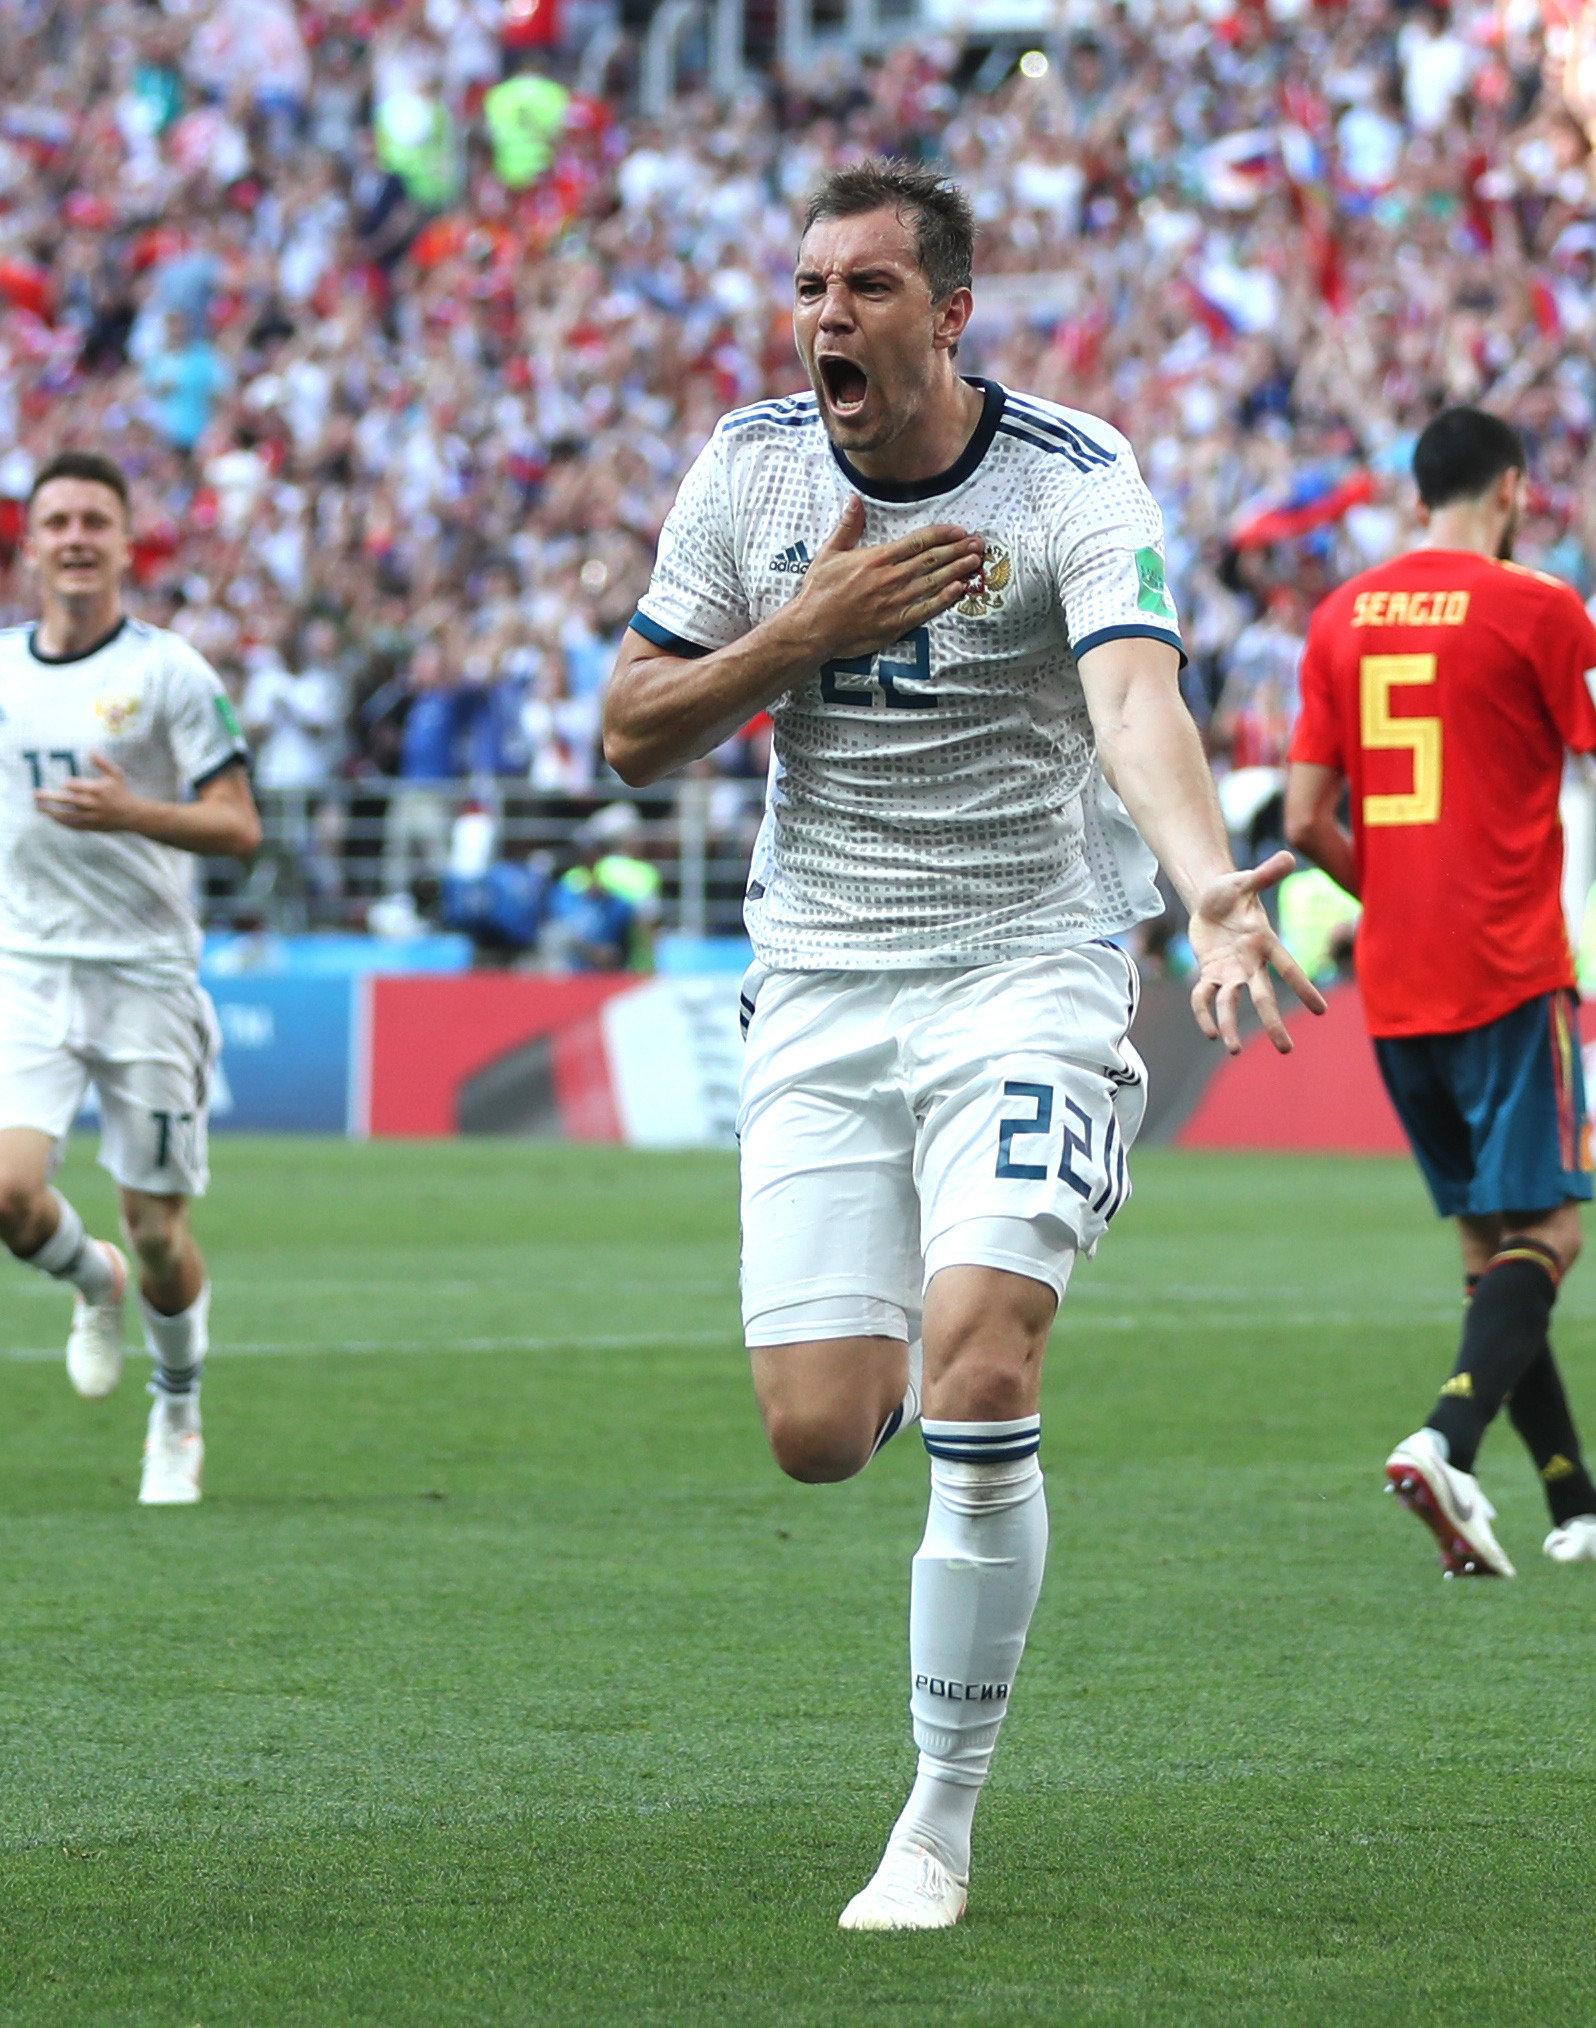 Artjom Dsjuba bejubelt seinen Treffer gegen Spanien – und entblößt eine verdächtige...